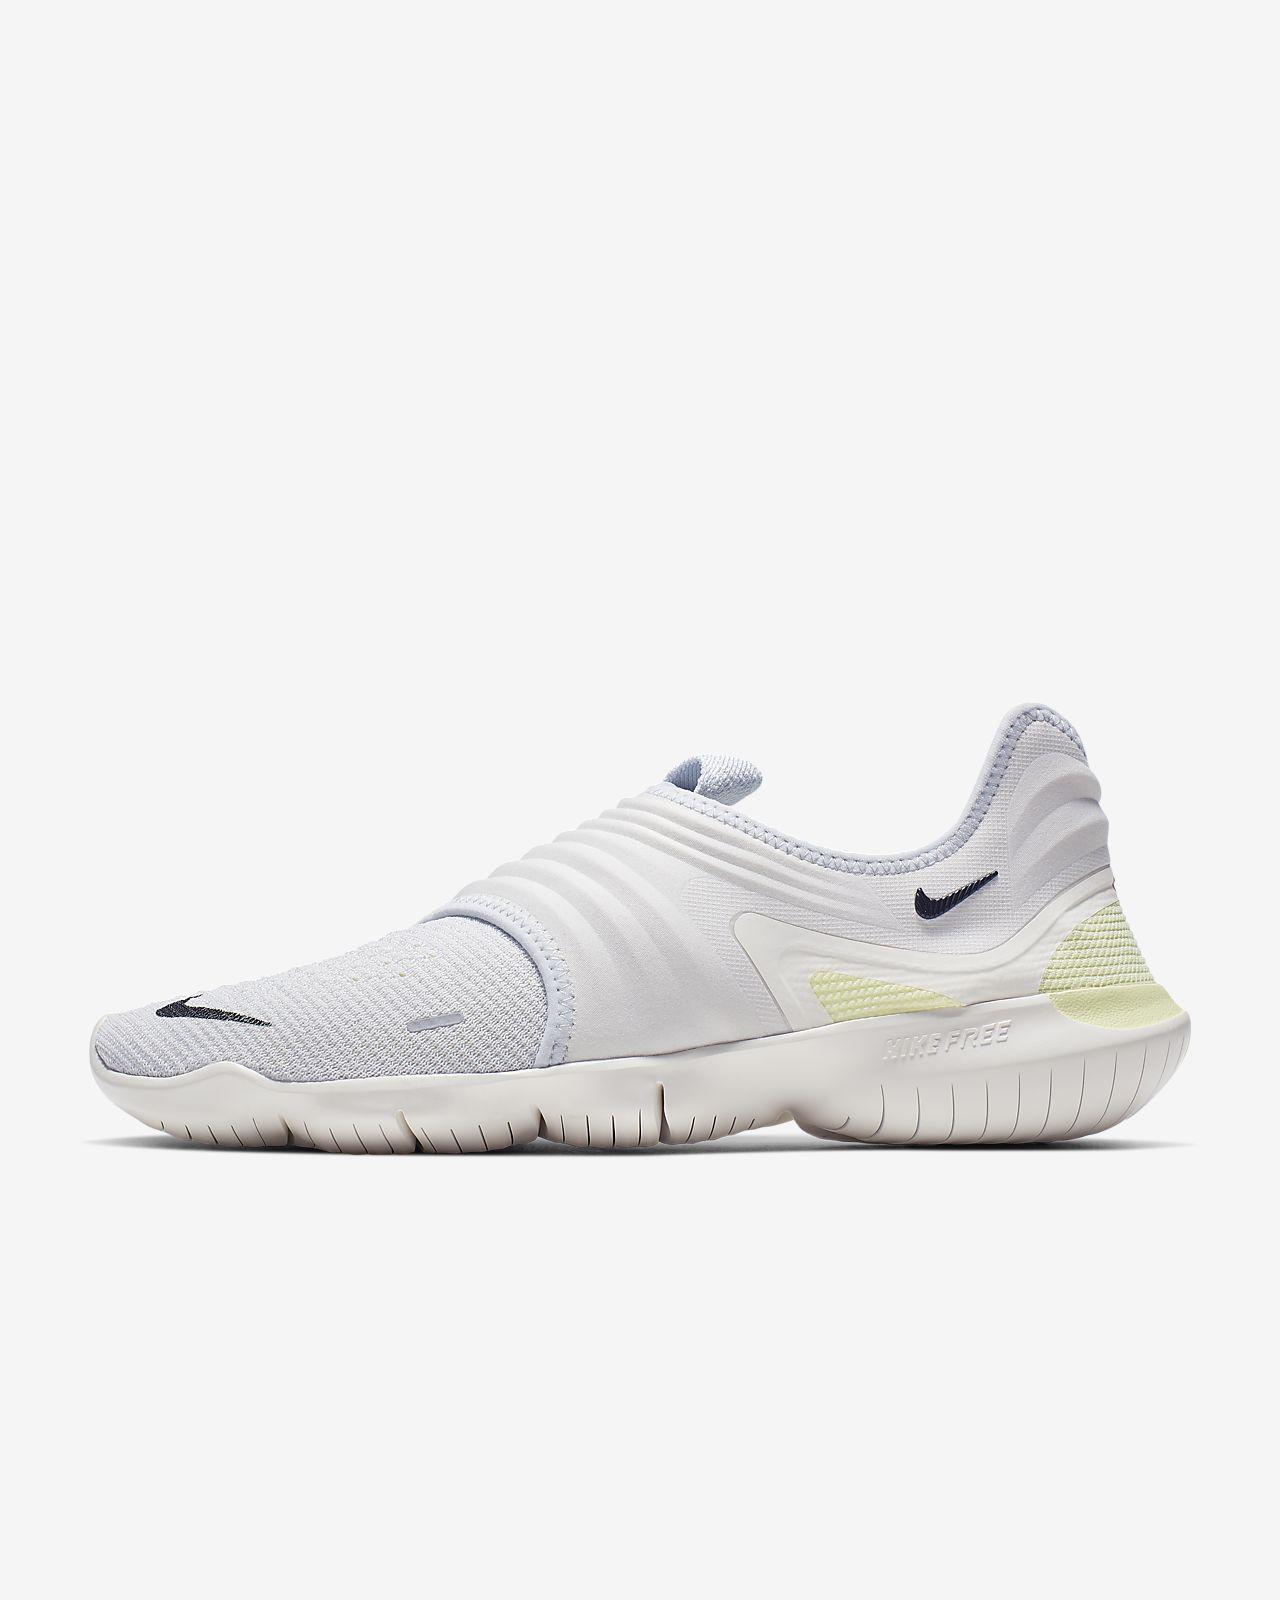 Nike Free RN Flyknit hombre